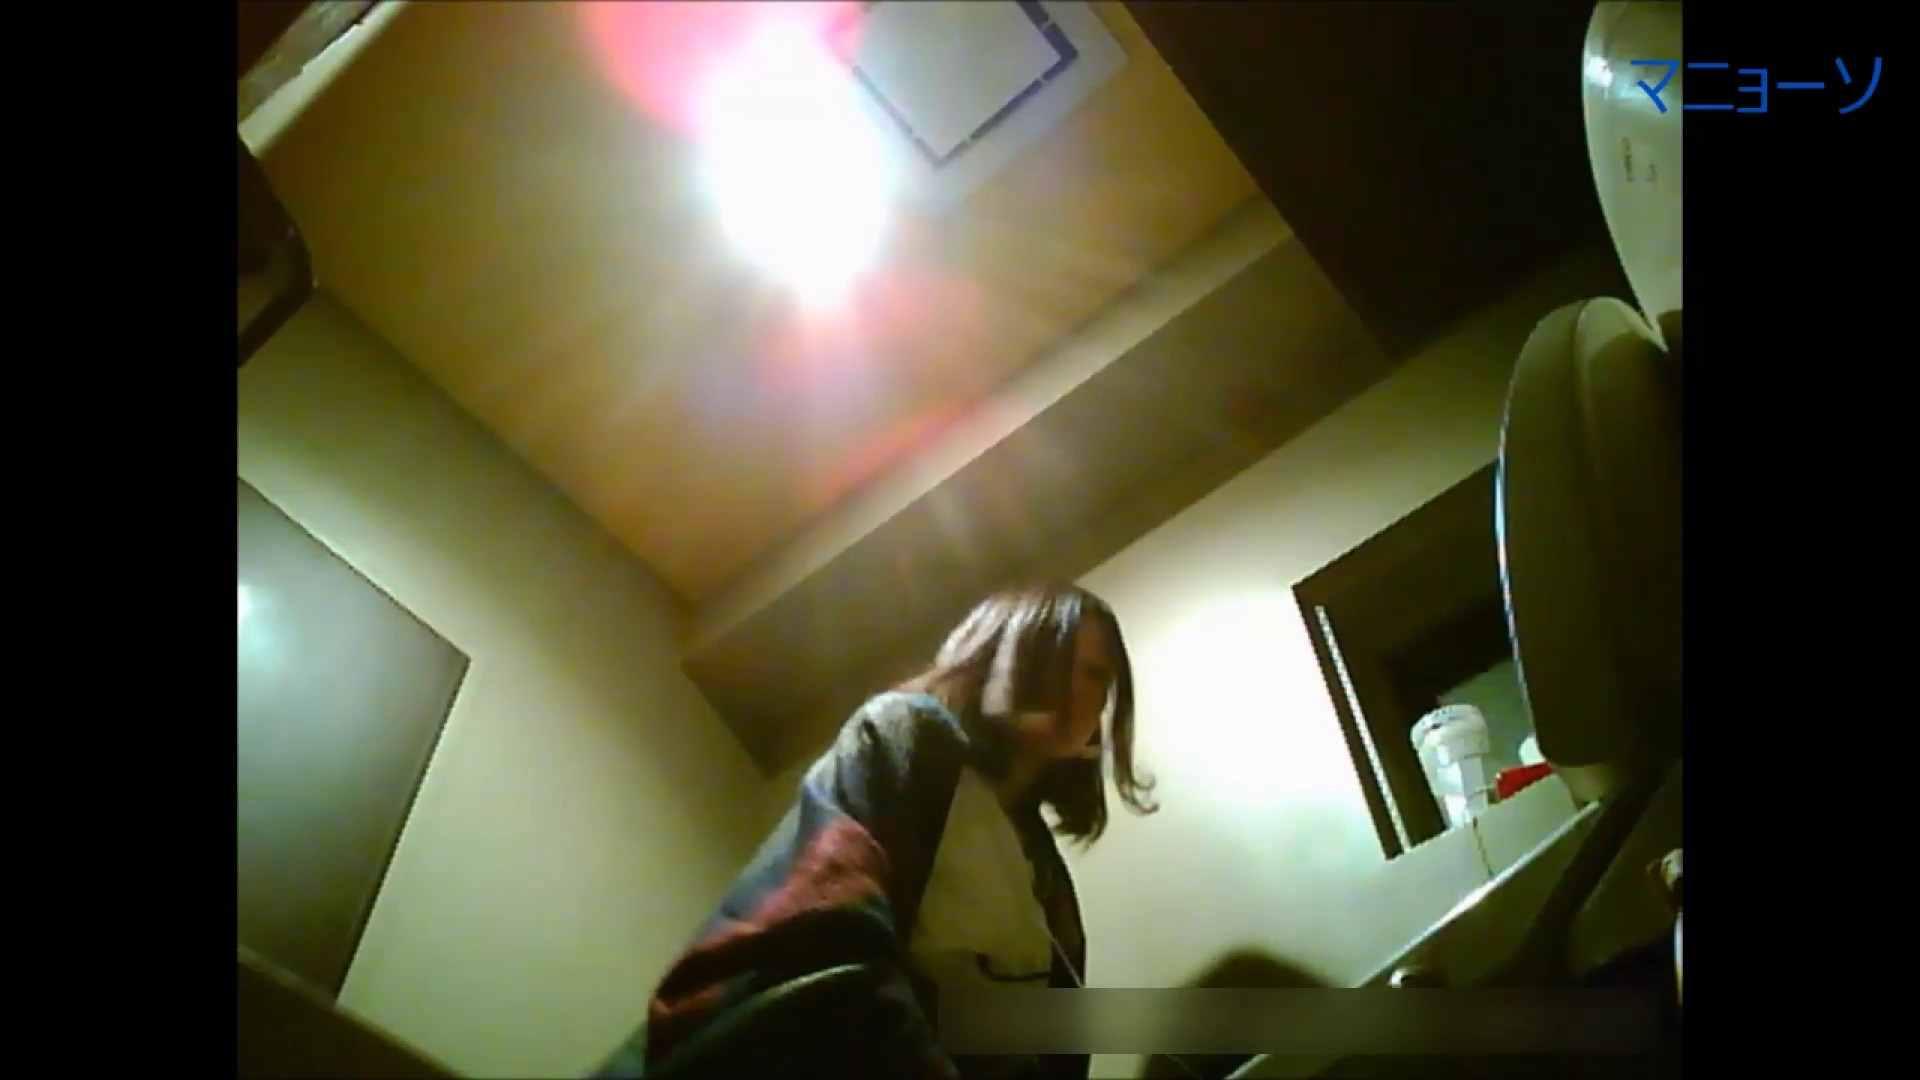 トイレでひと肌脱いでもらいました (JD編)Vol.01 トイレ中 | OL  67連発 27